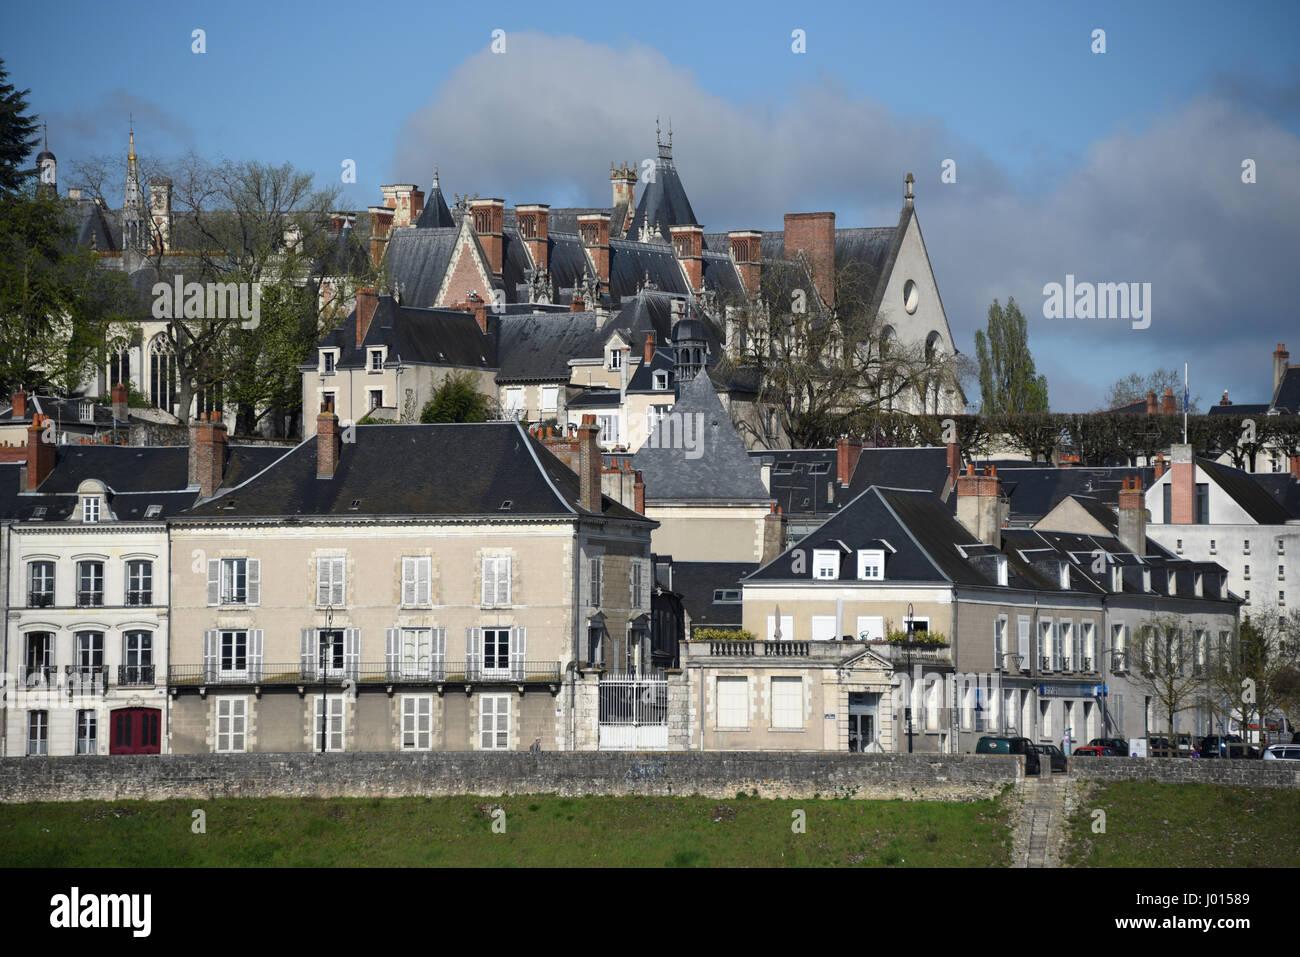 Blois castle, right bank of Loire river, Loire valley, Loir-et-Cher, Centre-Val de Loire, France, Europe, UNESCO - Stock Image